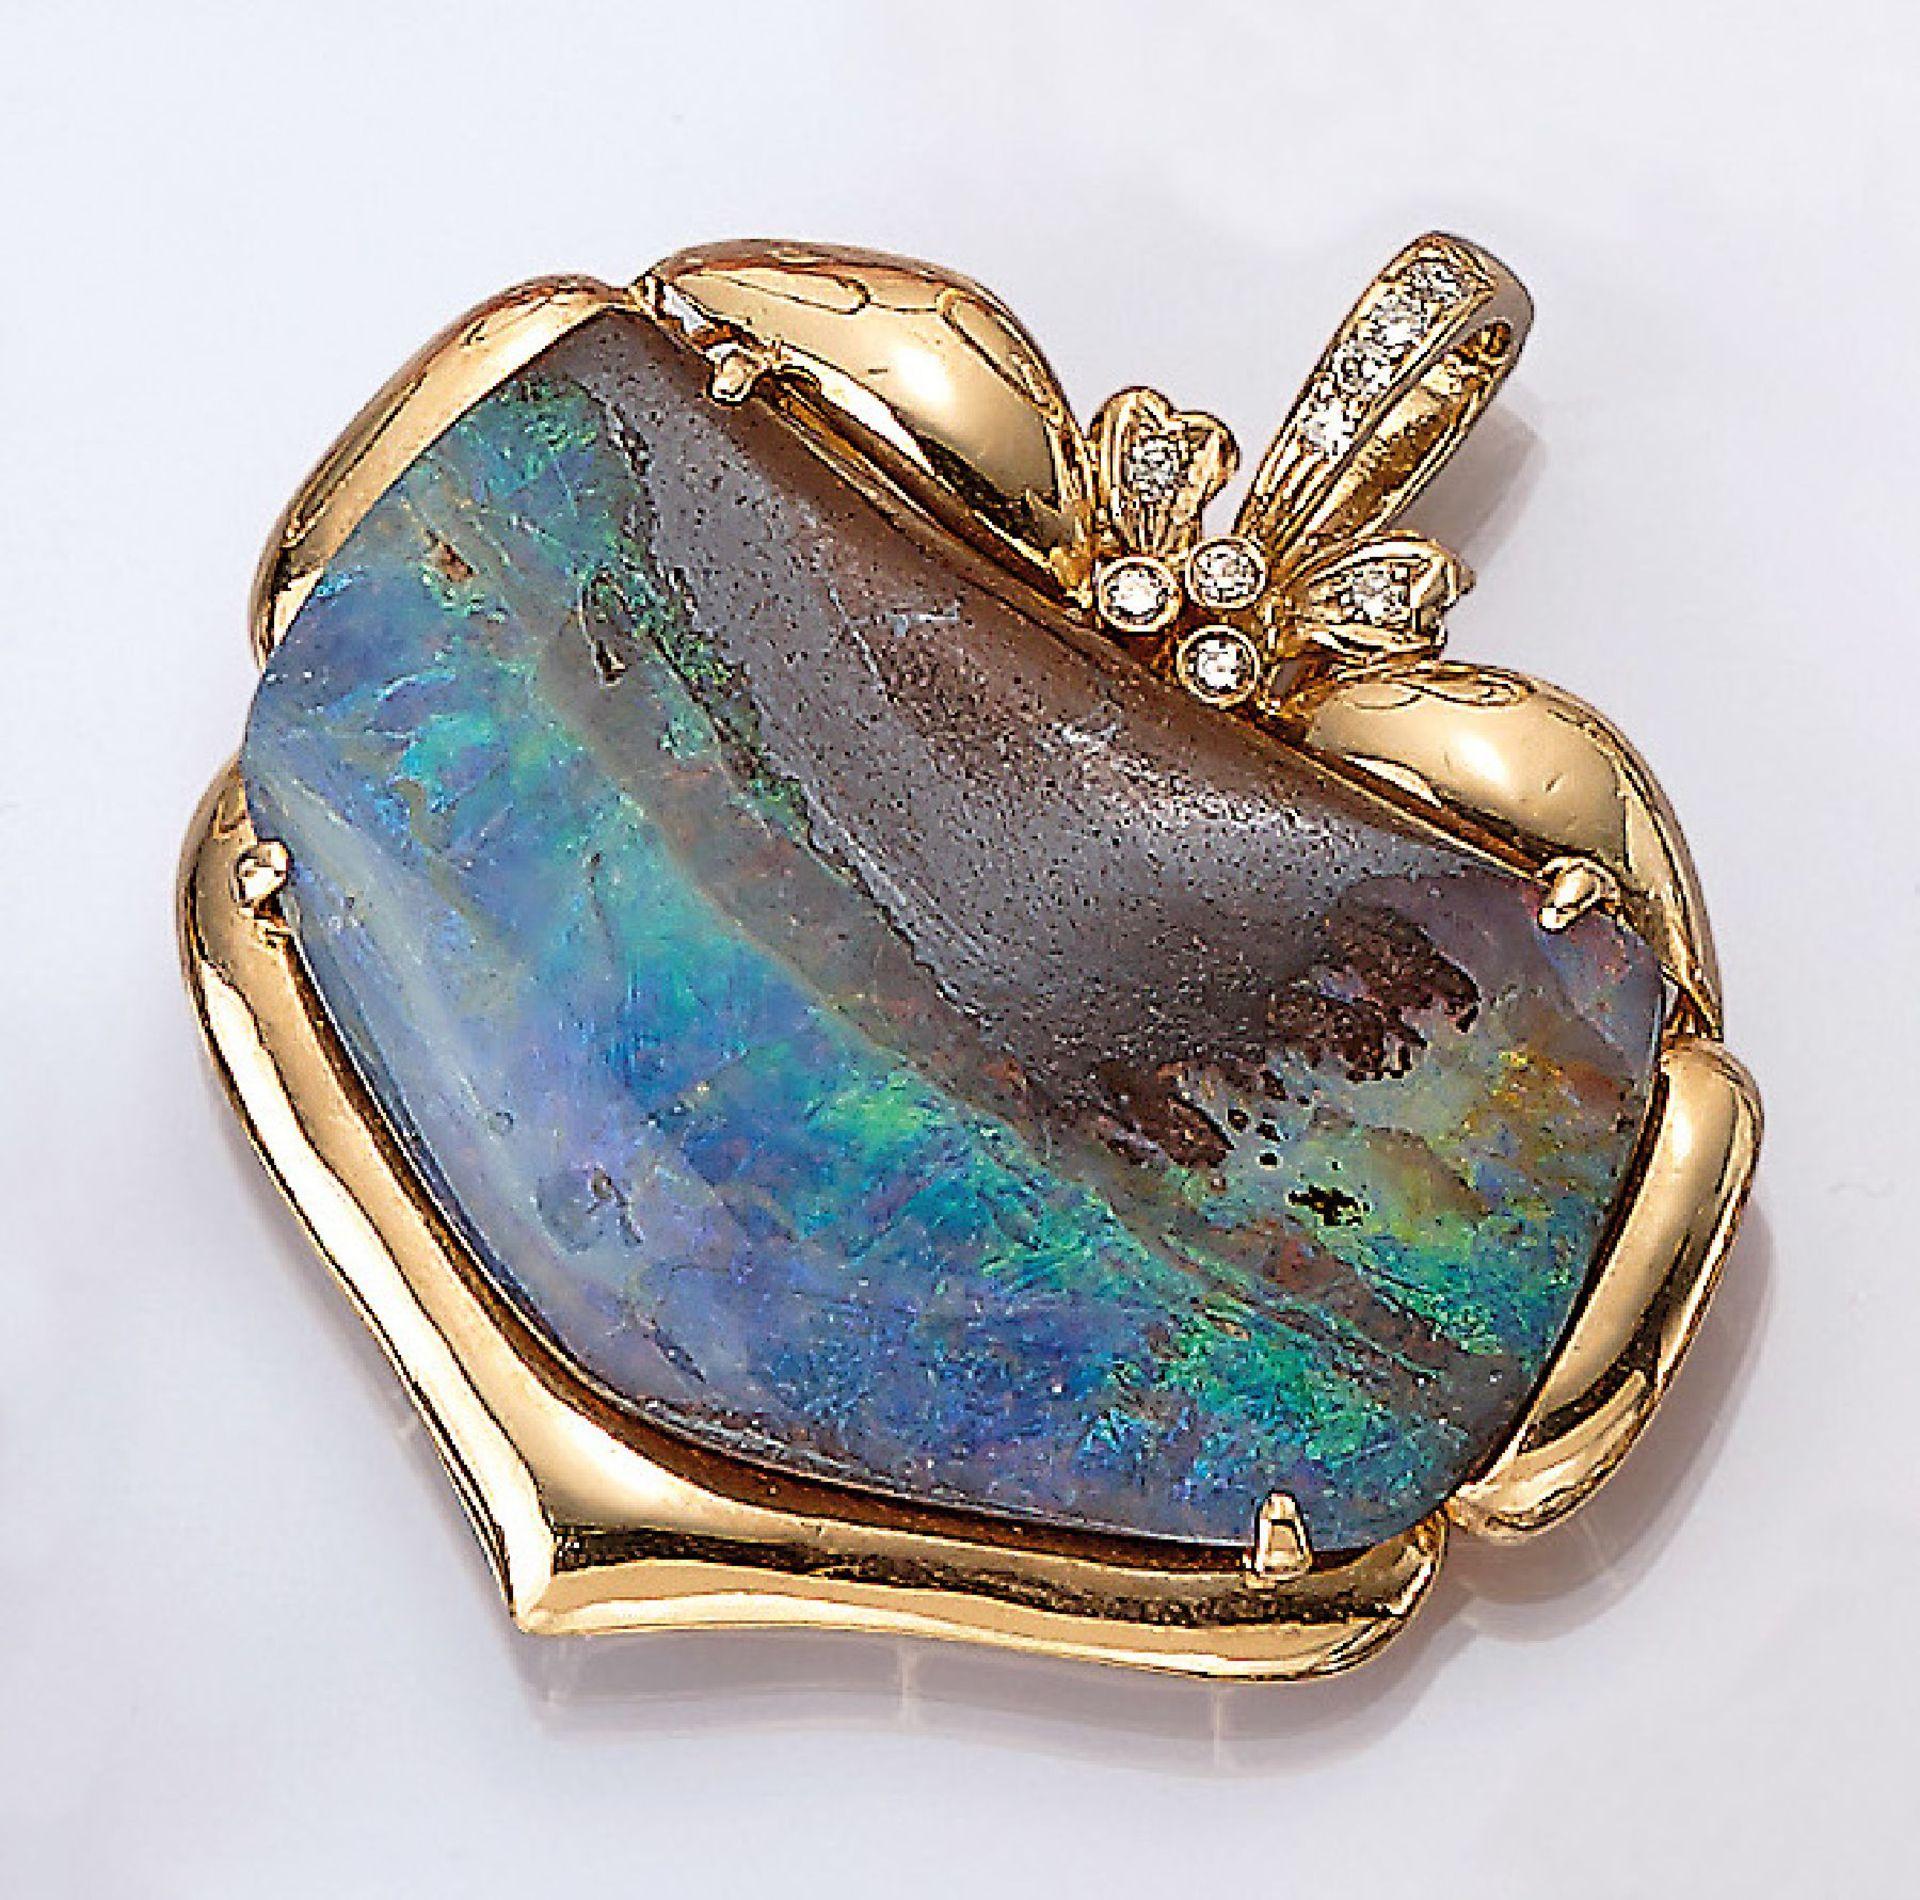 14 kt Gold Clipanhänger mit Boulder Opal und Brillanten, GG 585/000, gepr., großer Boulderopal mit